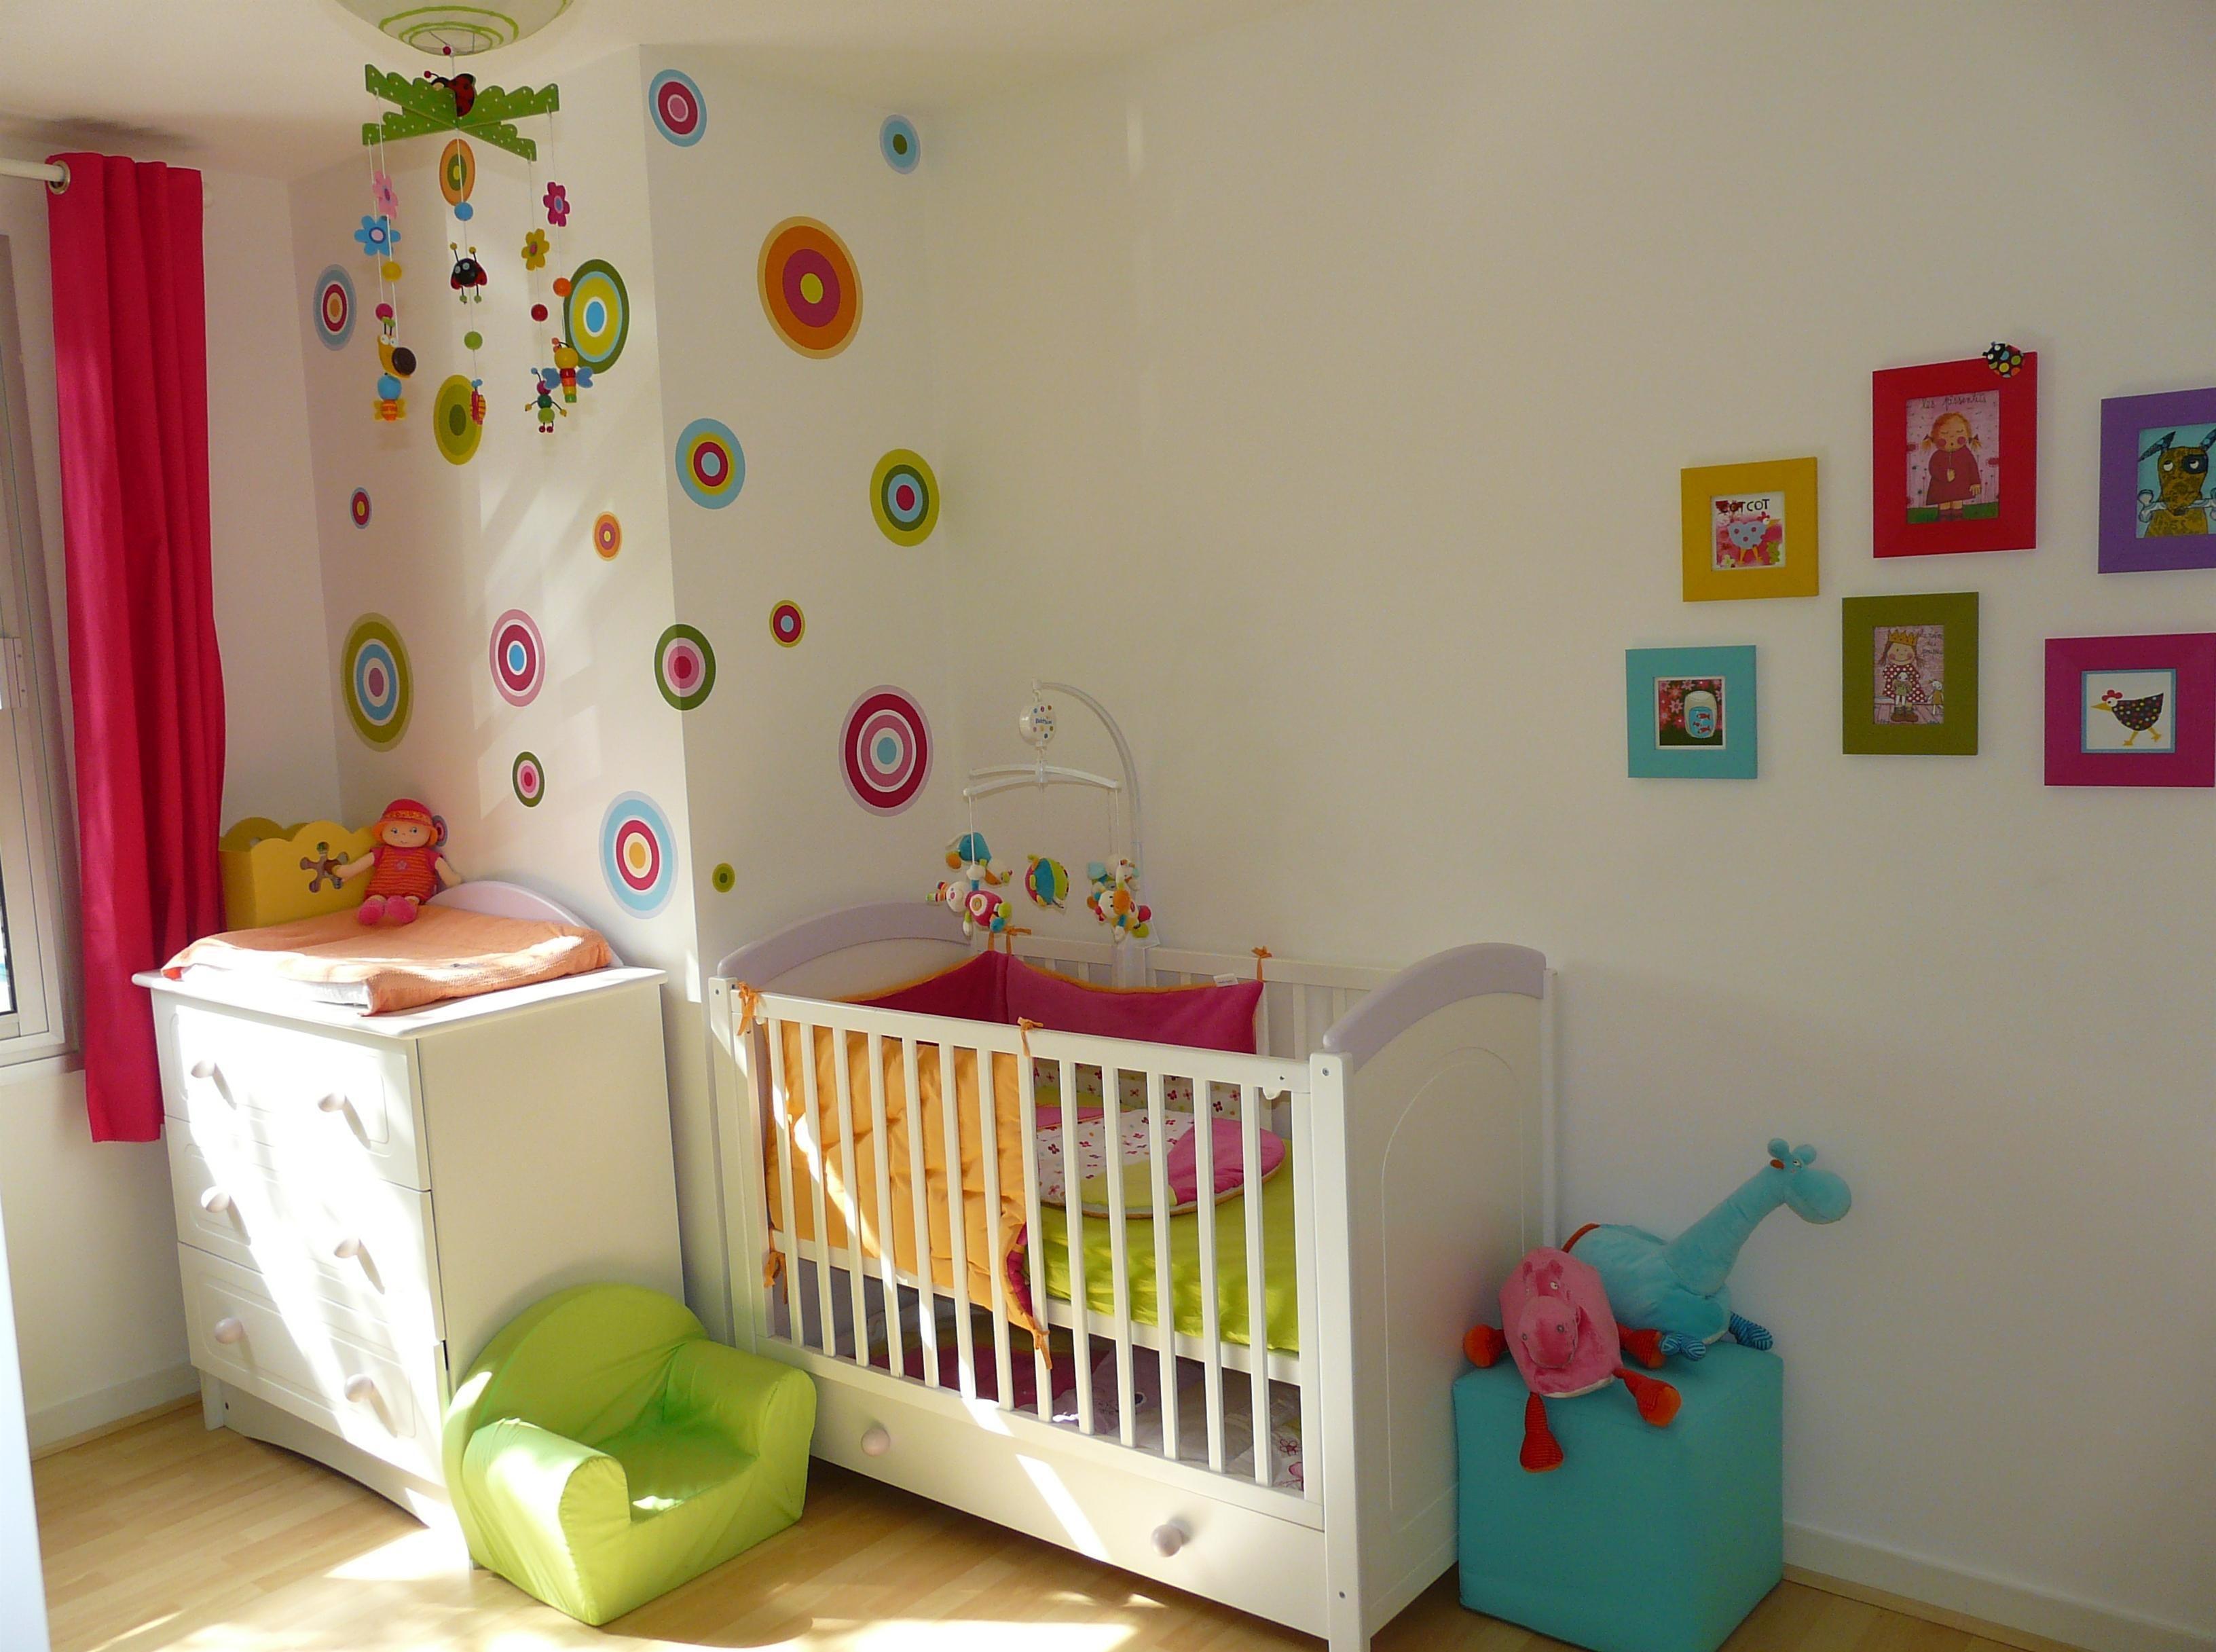 Эконом дизайн детской комнаты для малыша